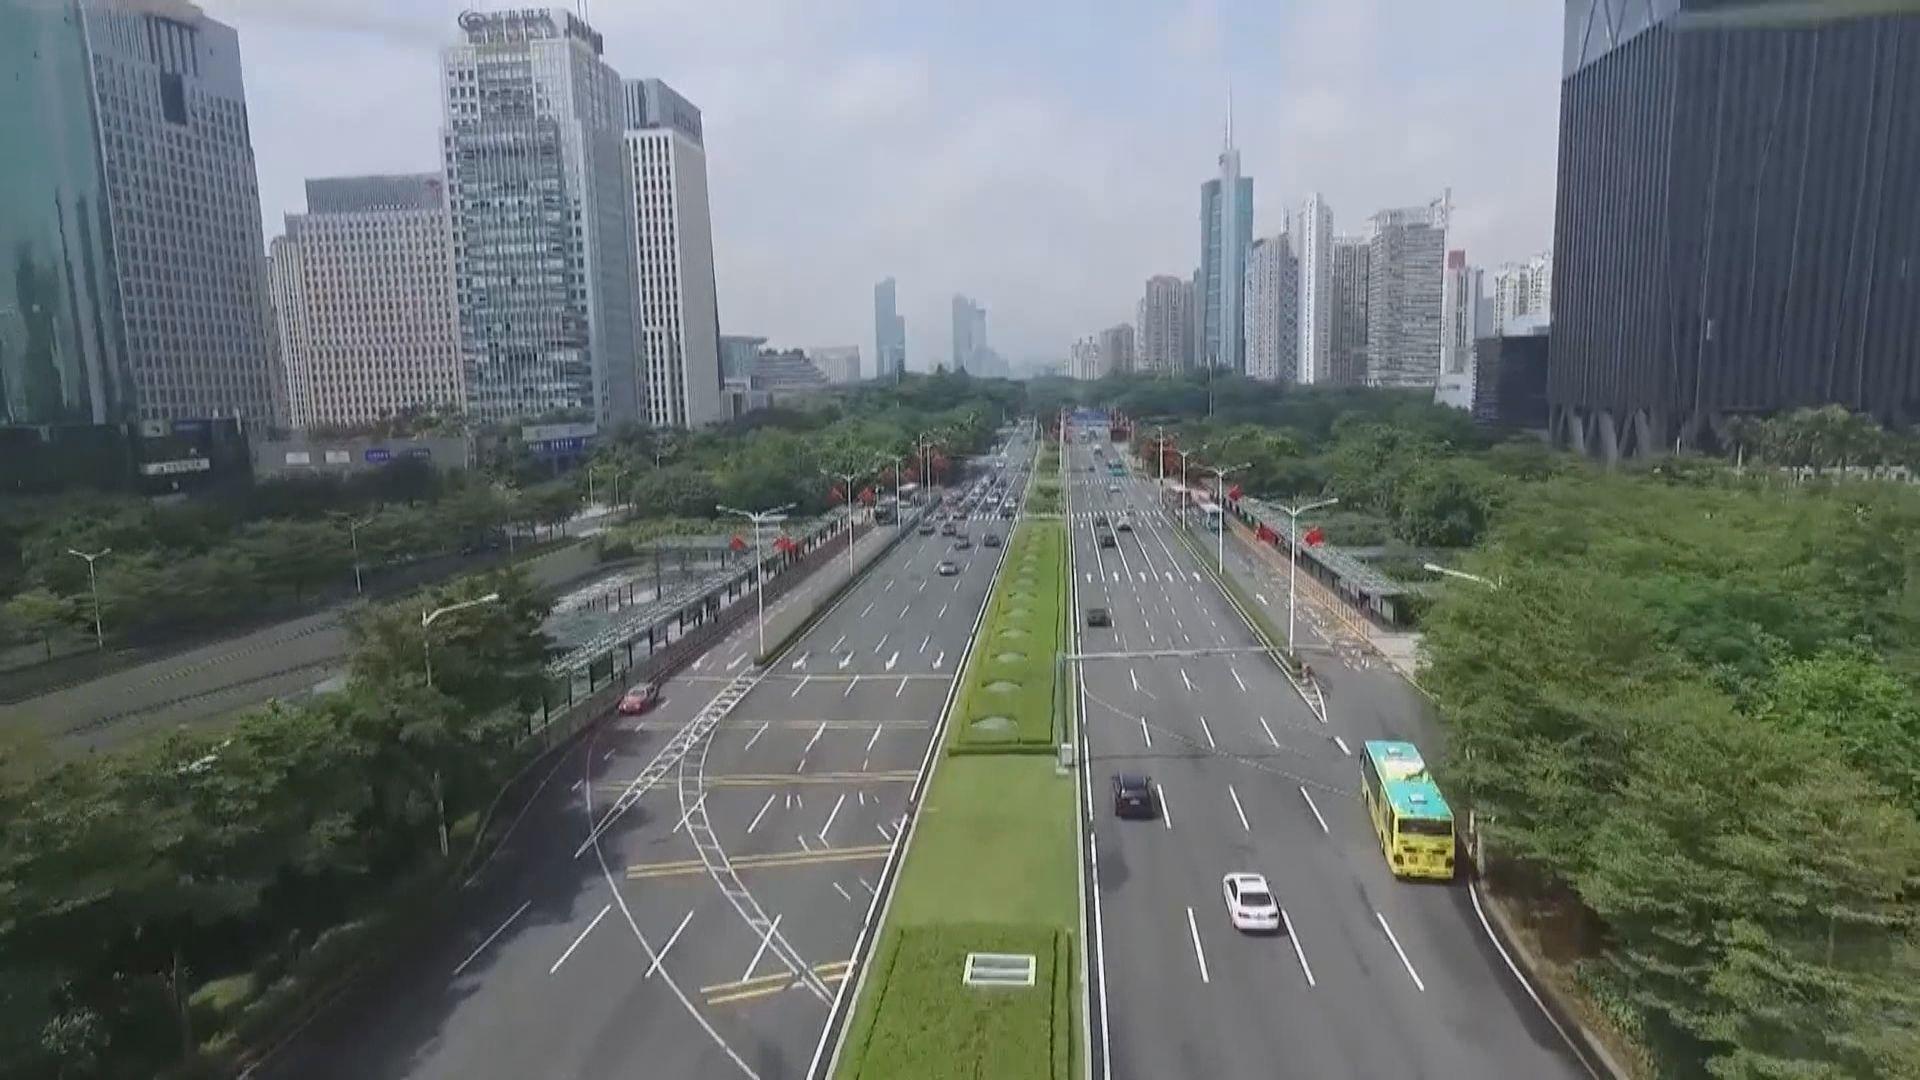 據了解習近平將出席深圳經濟特區成立40年紀念活動